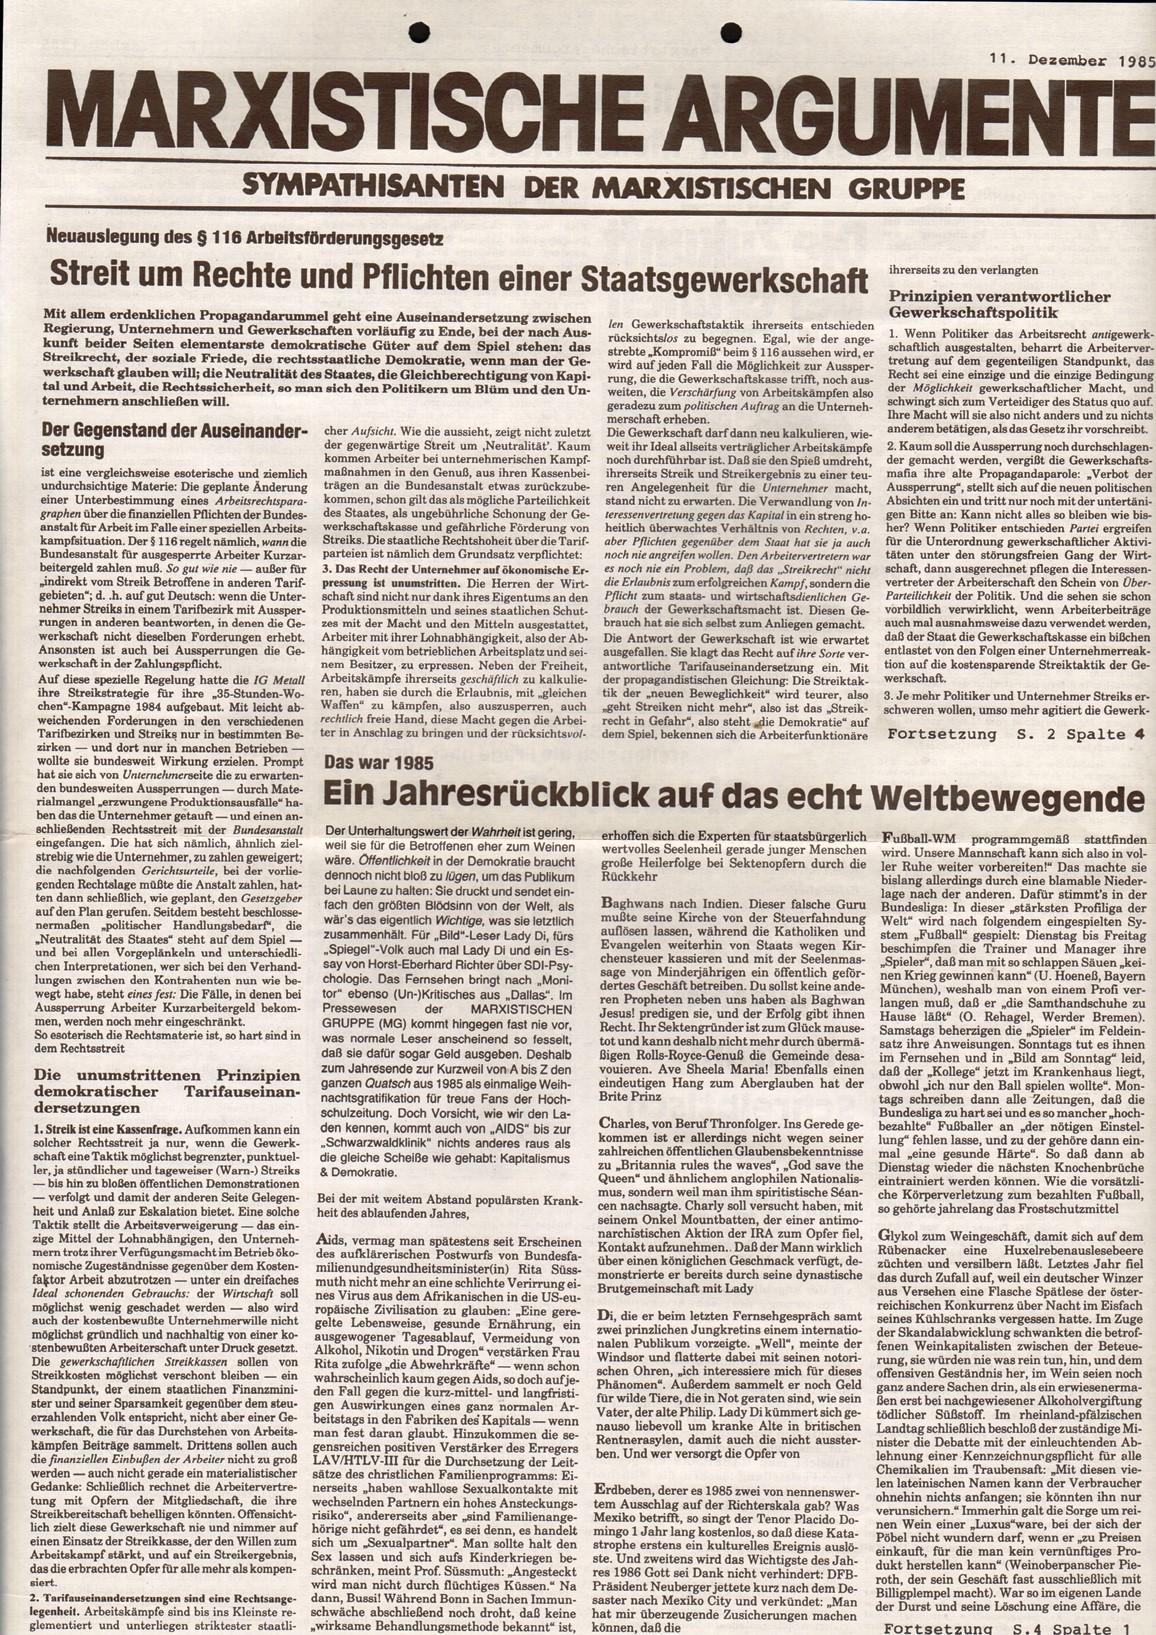 Berlin_MG_Symp_Argumente_19851211_01